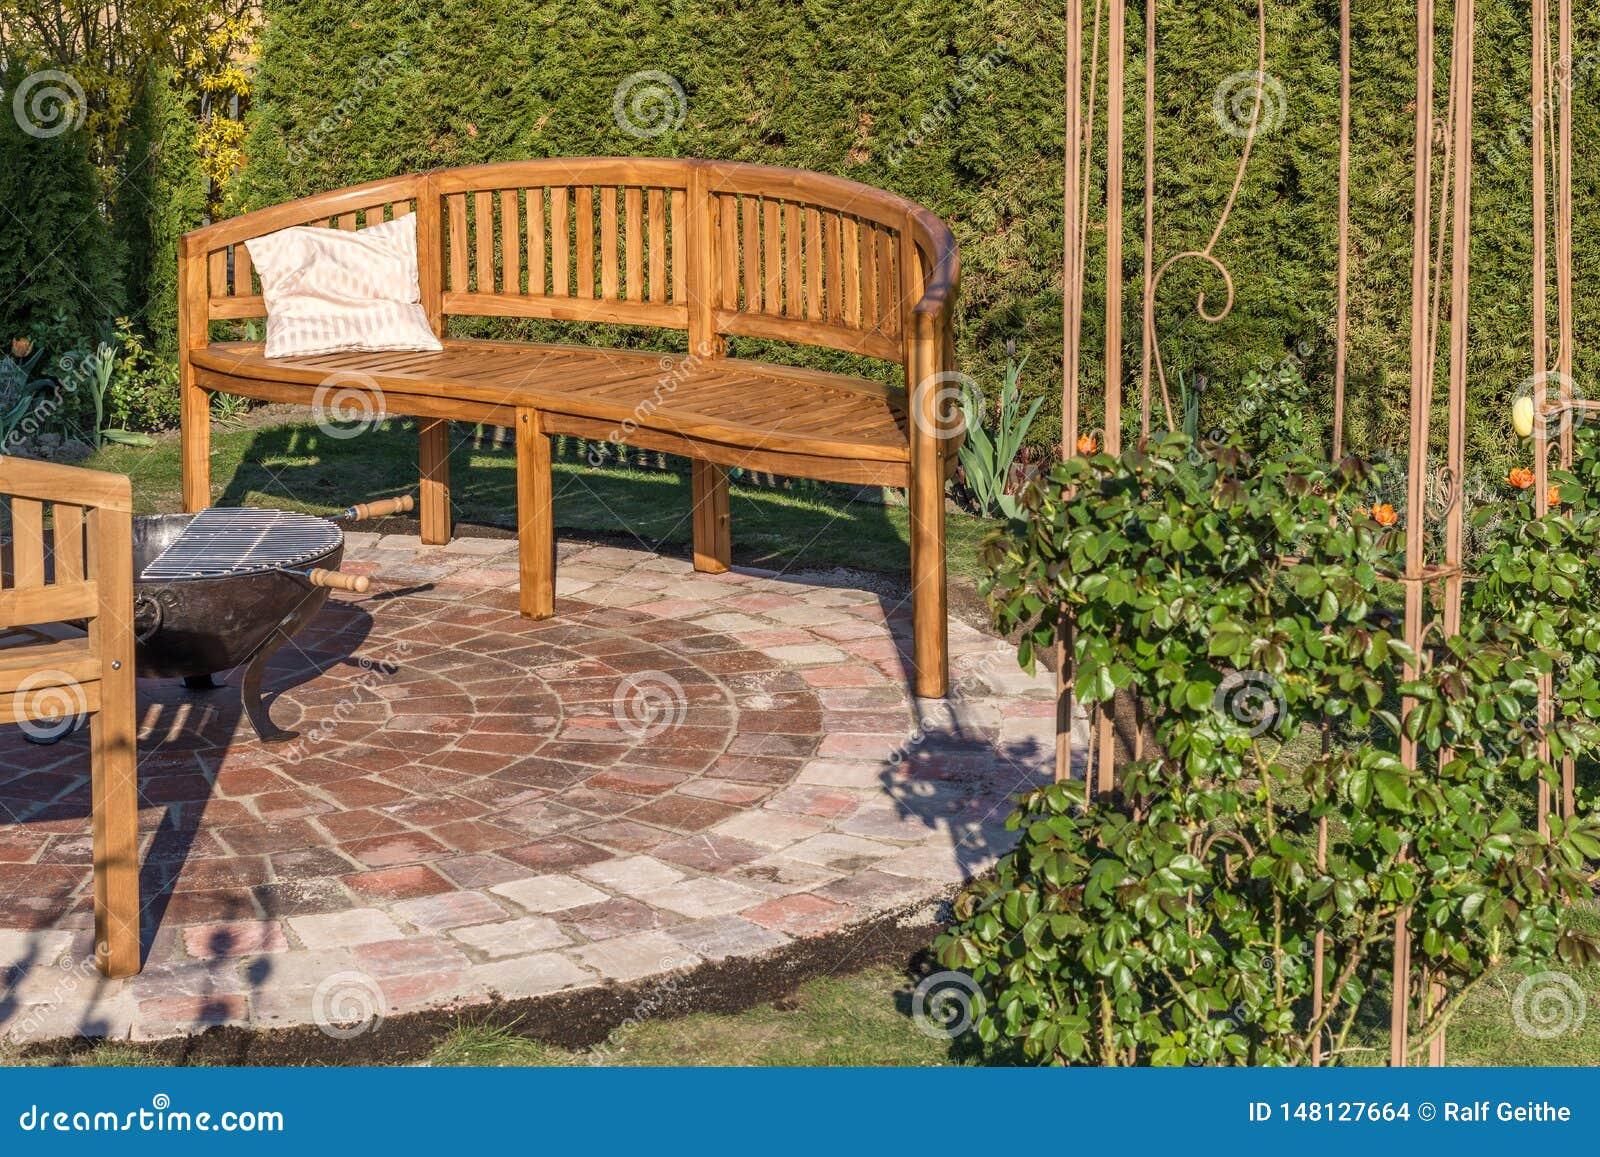 Veel liefs ontworpen tuin met steencirkel, houten banken en brandkom